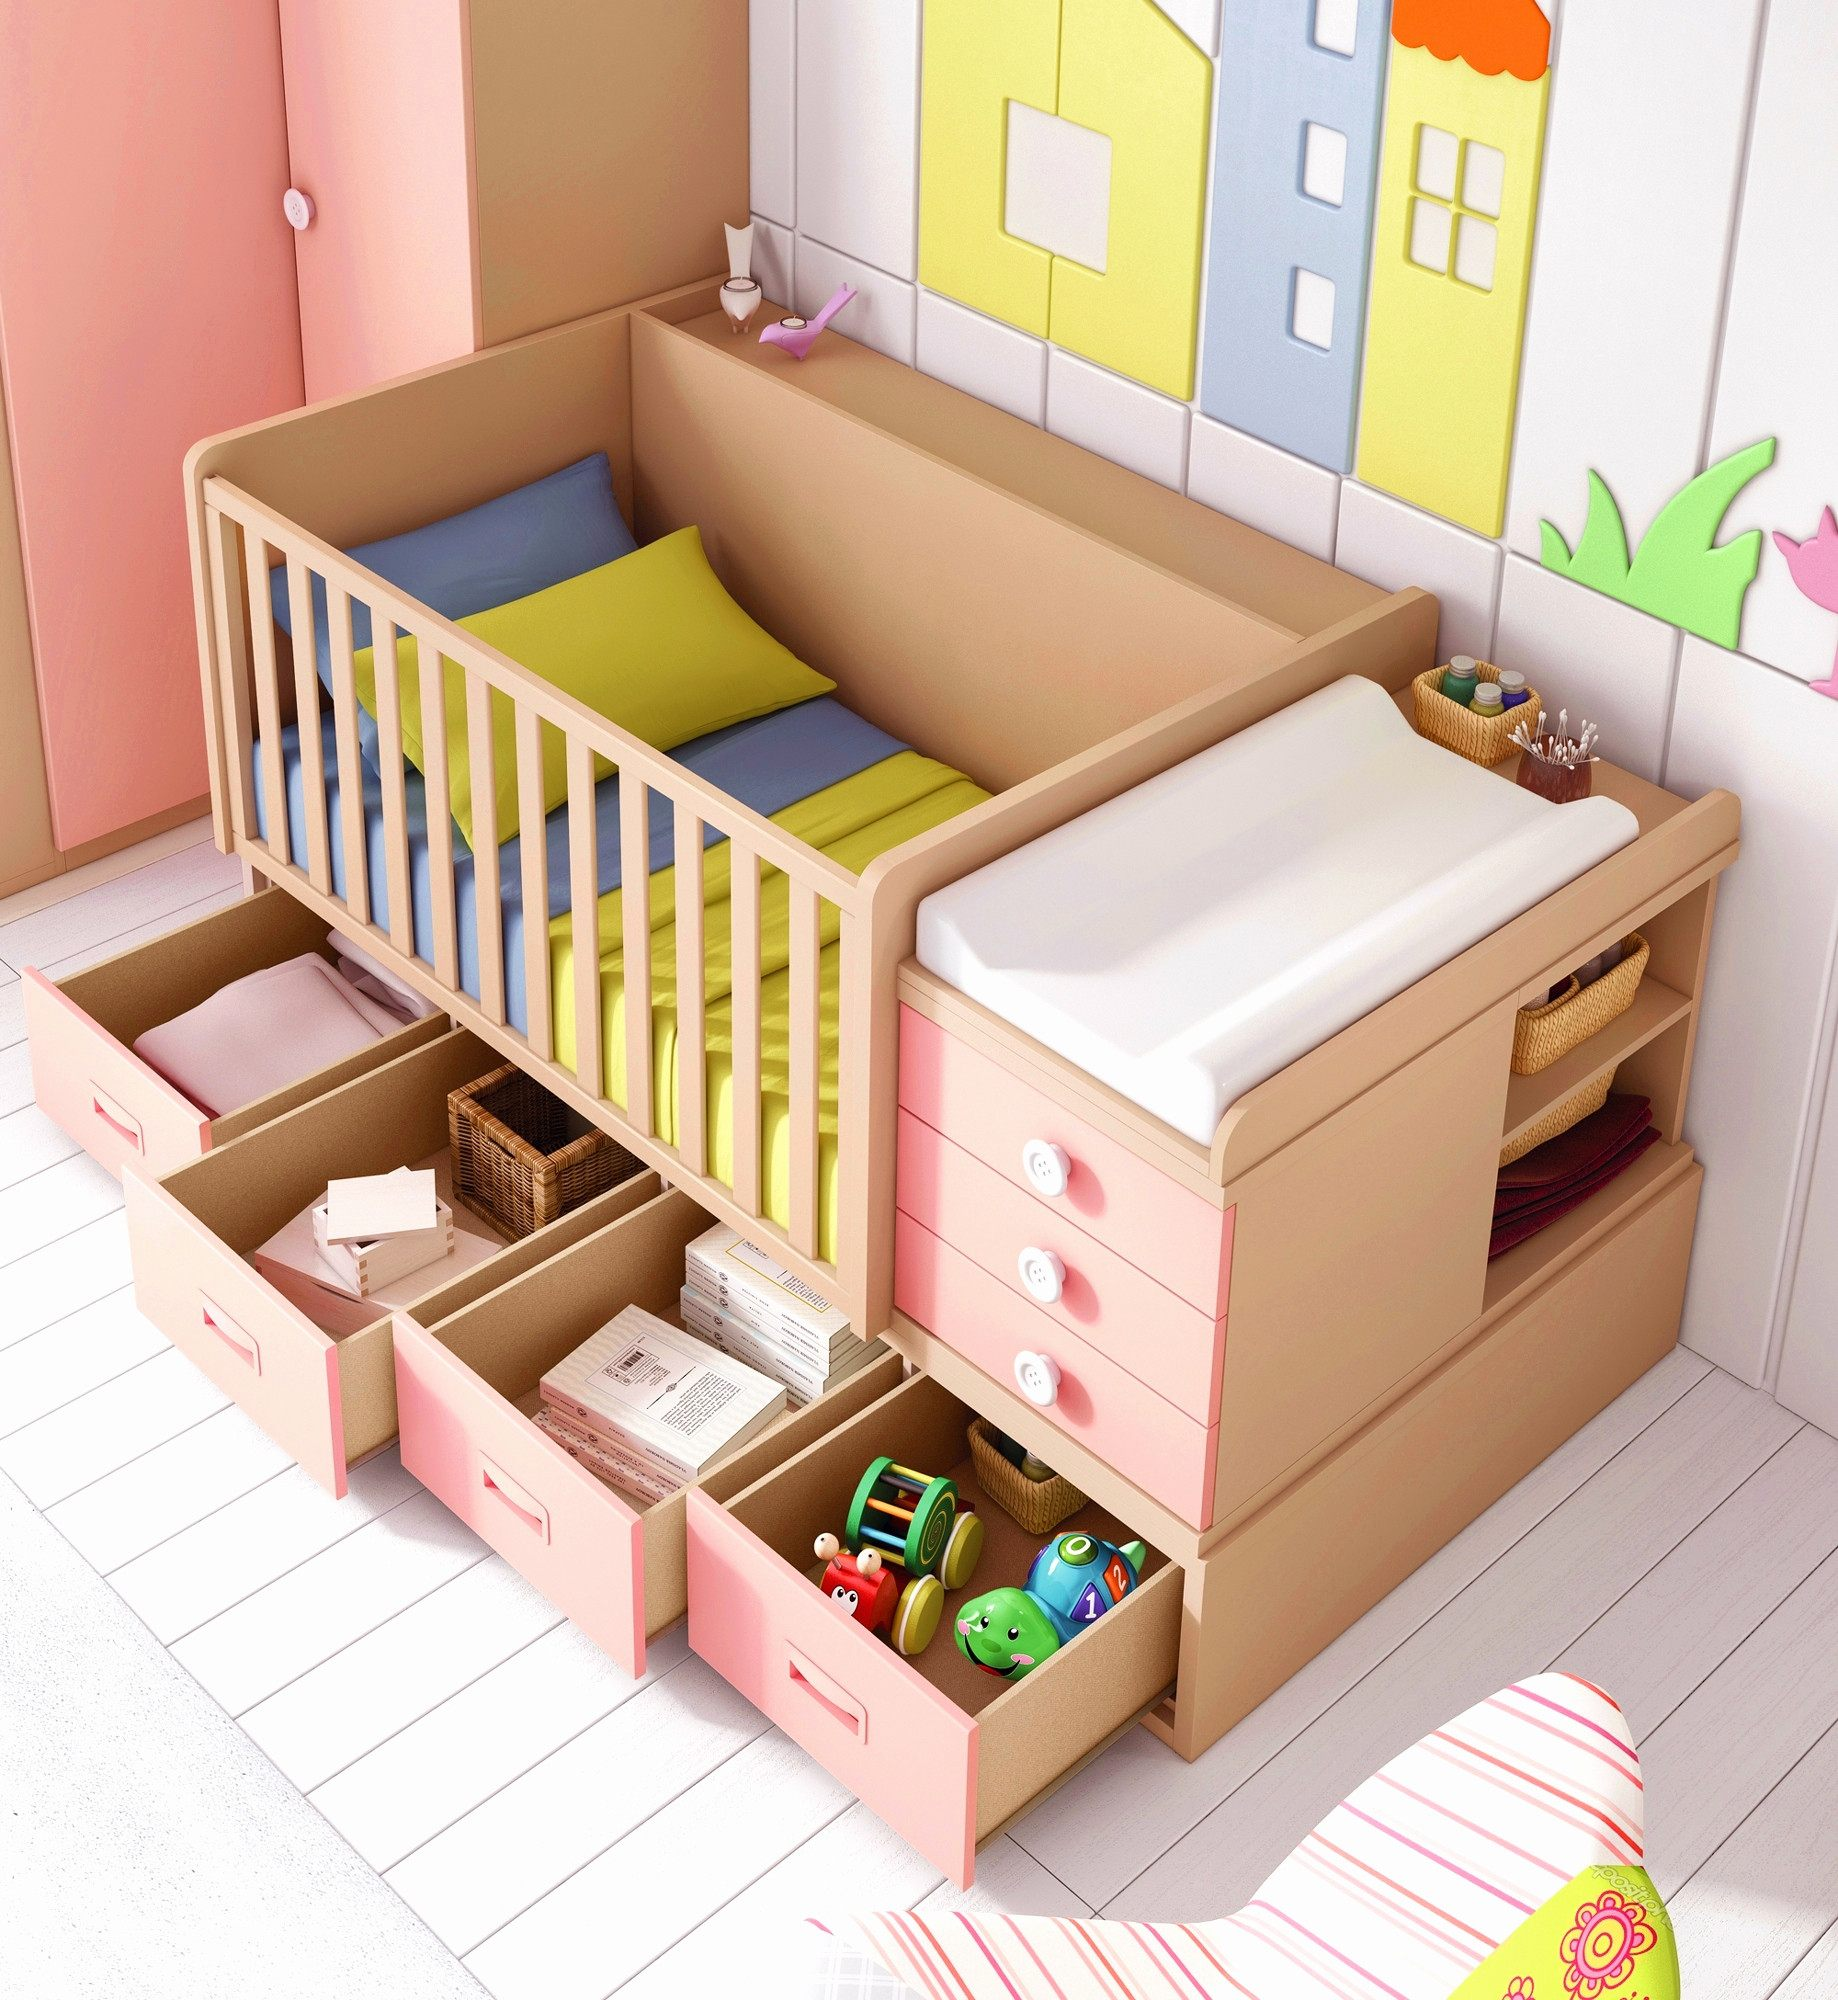 Lit Bébé 2 Ans Joli Meilleur Lit Pour Bébé Support Pour Baignoire Bébé Elegant Mode Bébé